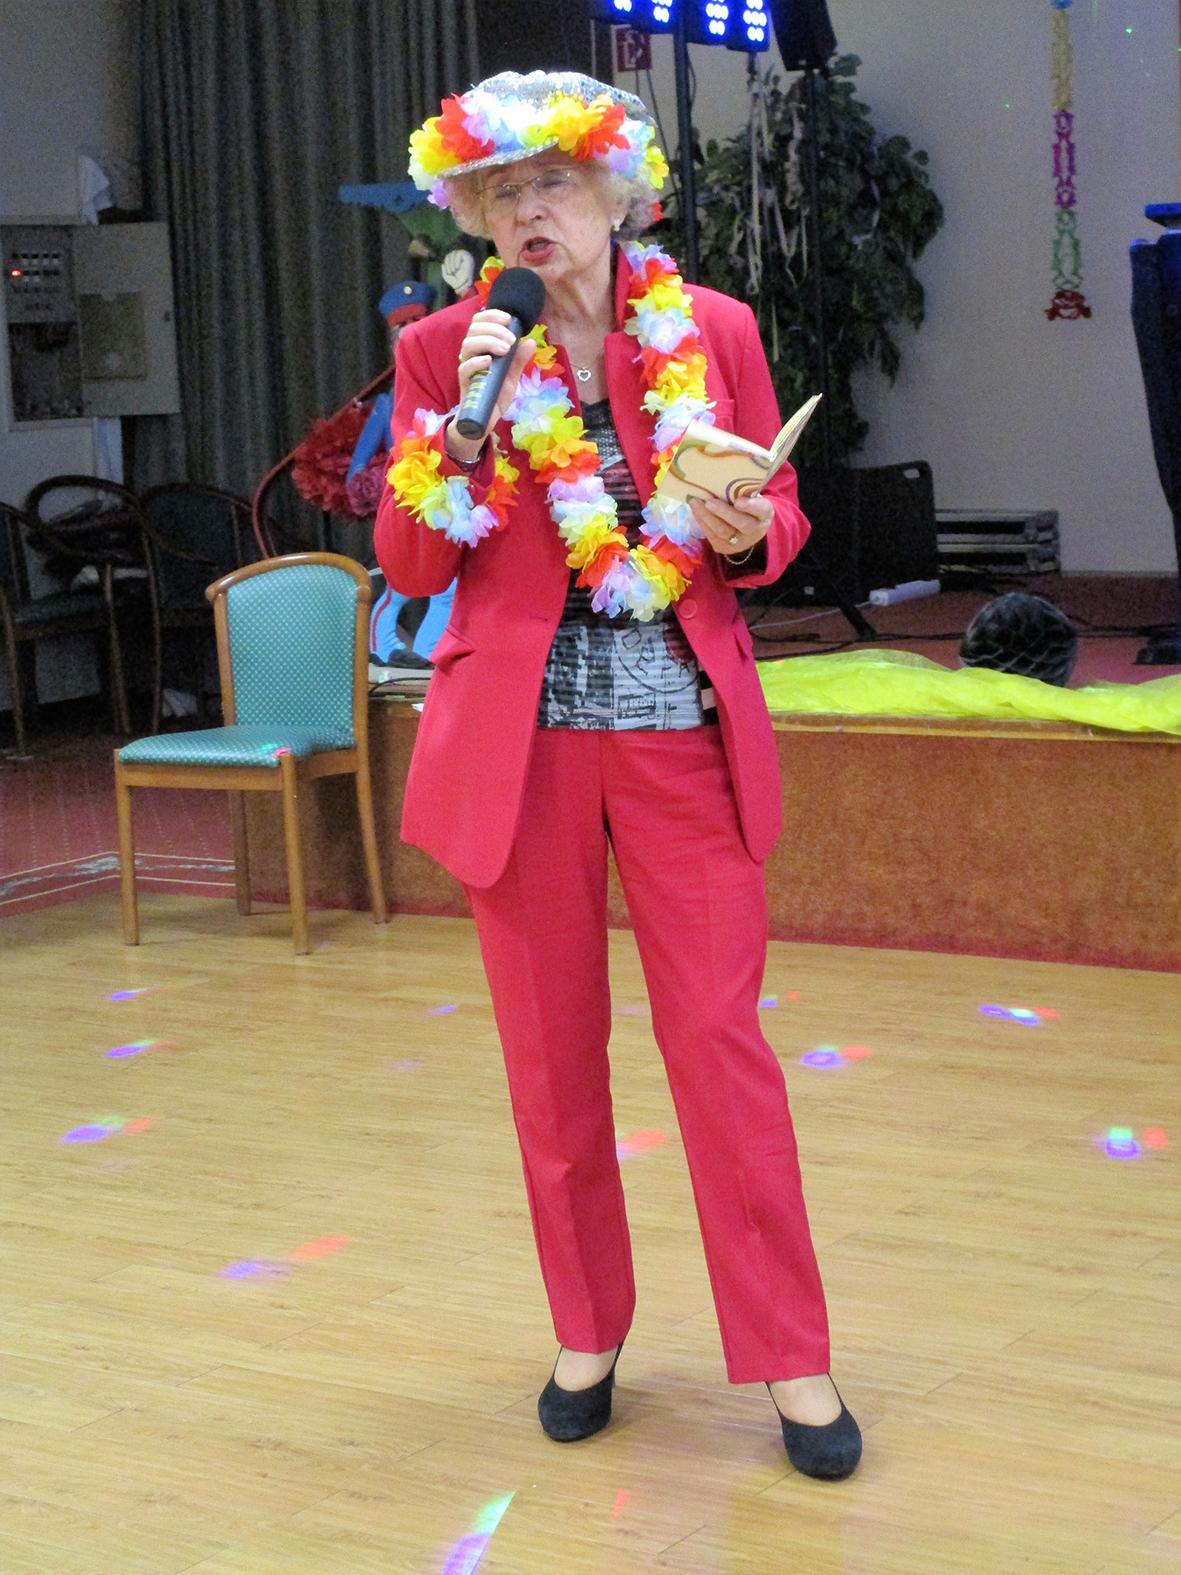 Karnevalsfeier des Vereins Sport mit Senioren